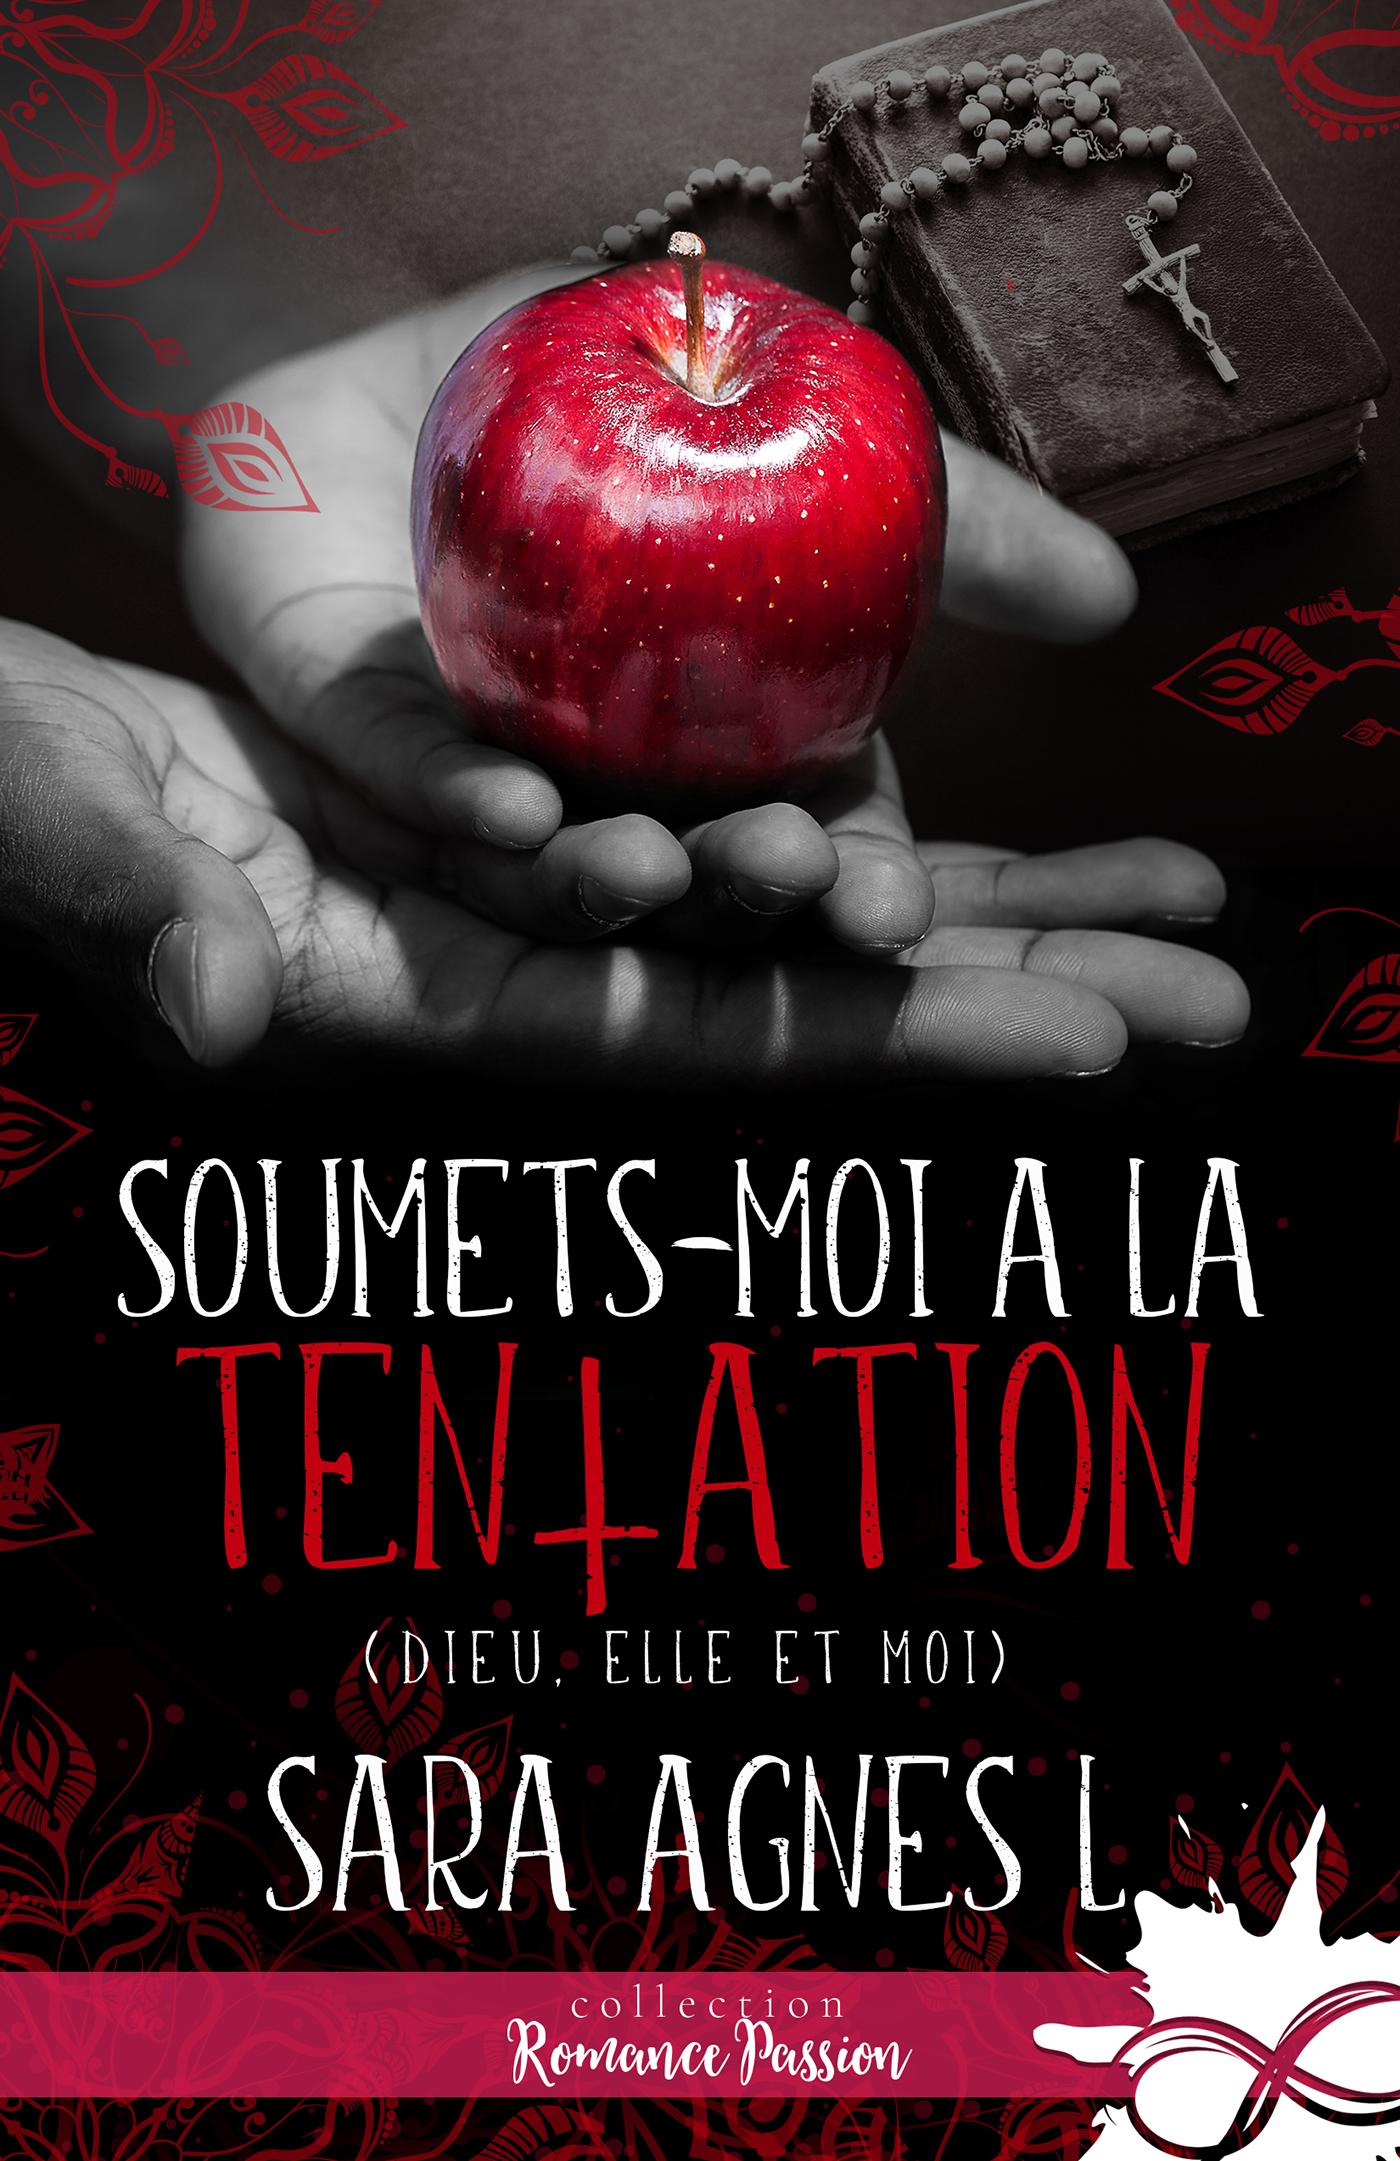 Soumets-moi à la tentation écrit par Sara Agnes L.